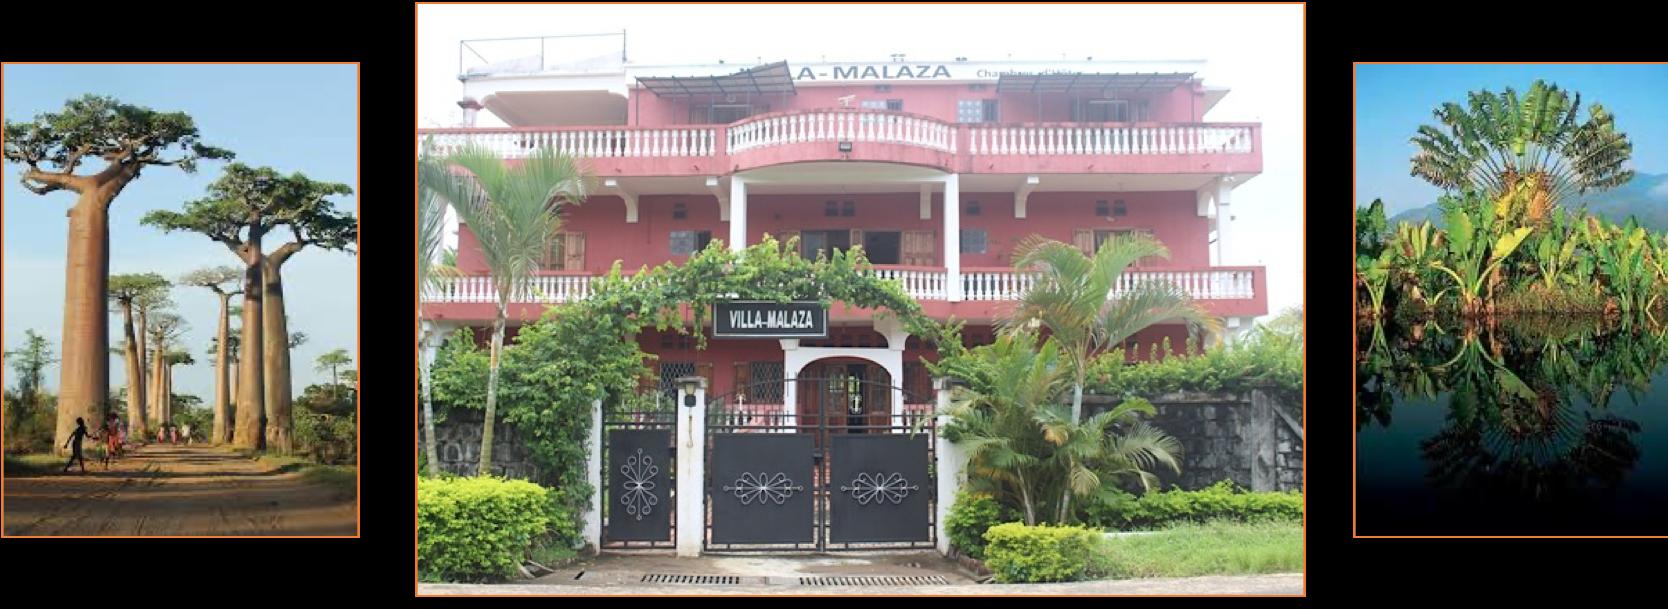 Villa Malaza